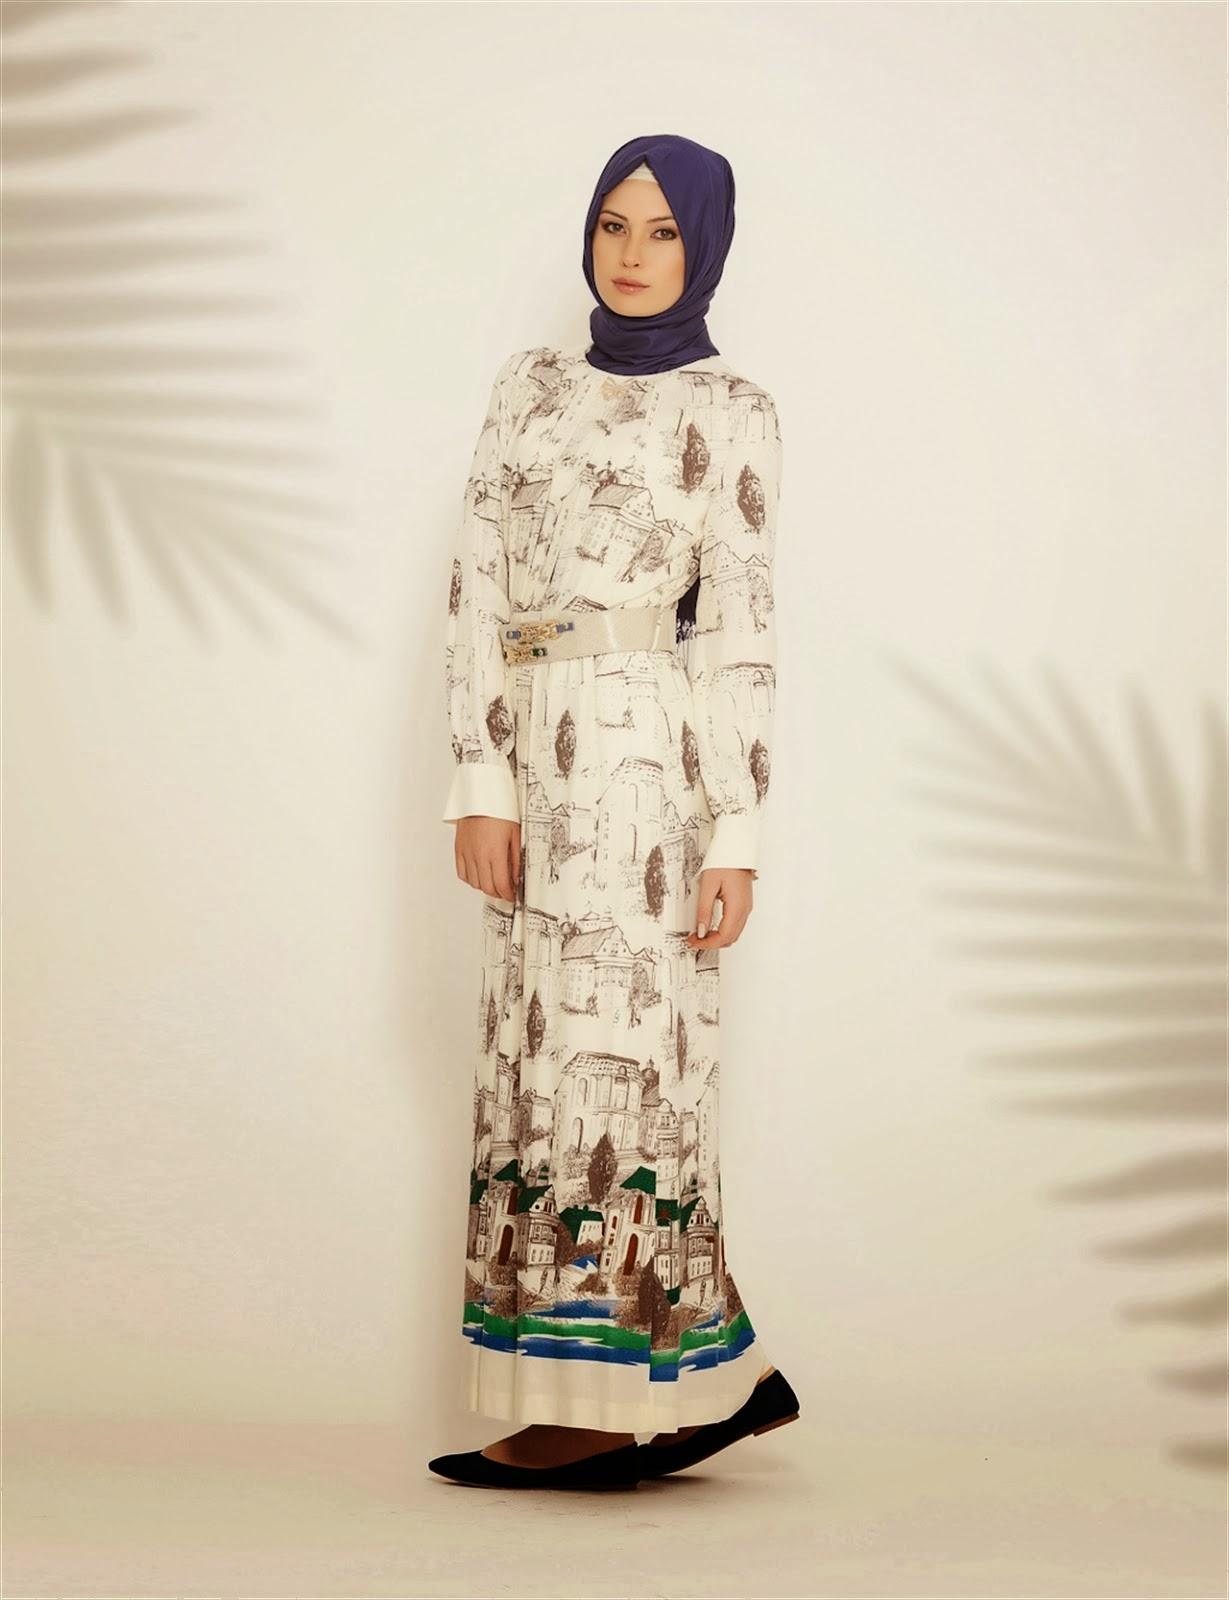 jilbab-chic-turque